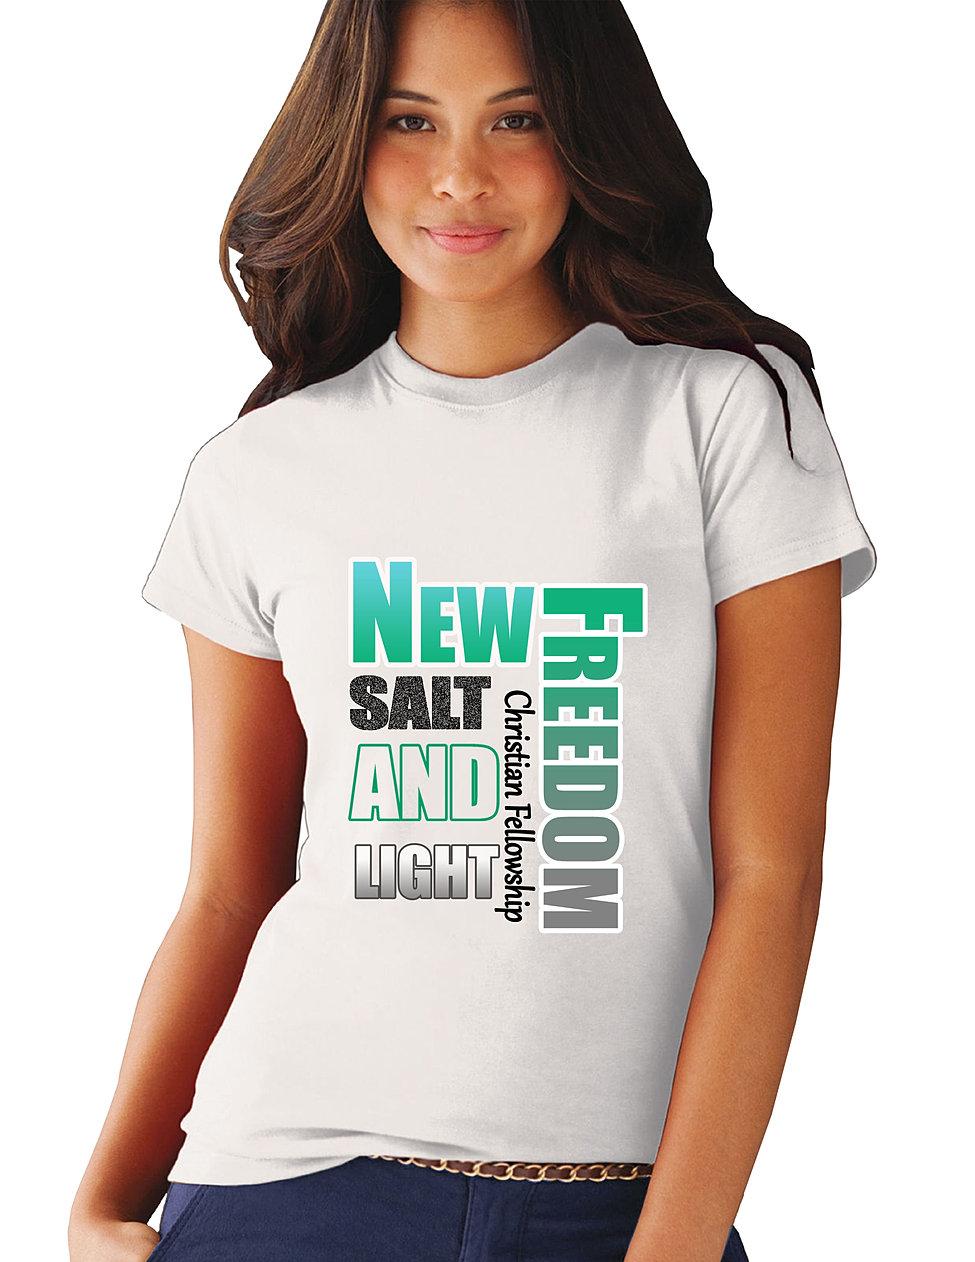 Dorcas936 custom for Get company shirts made